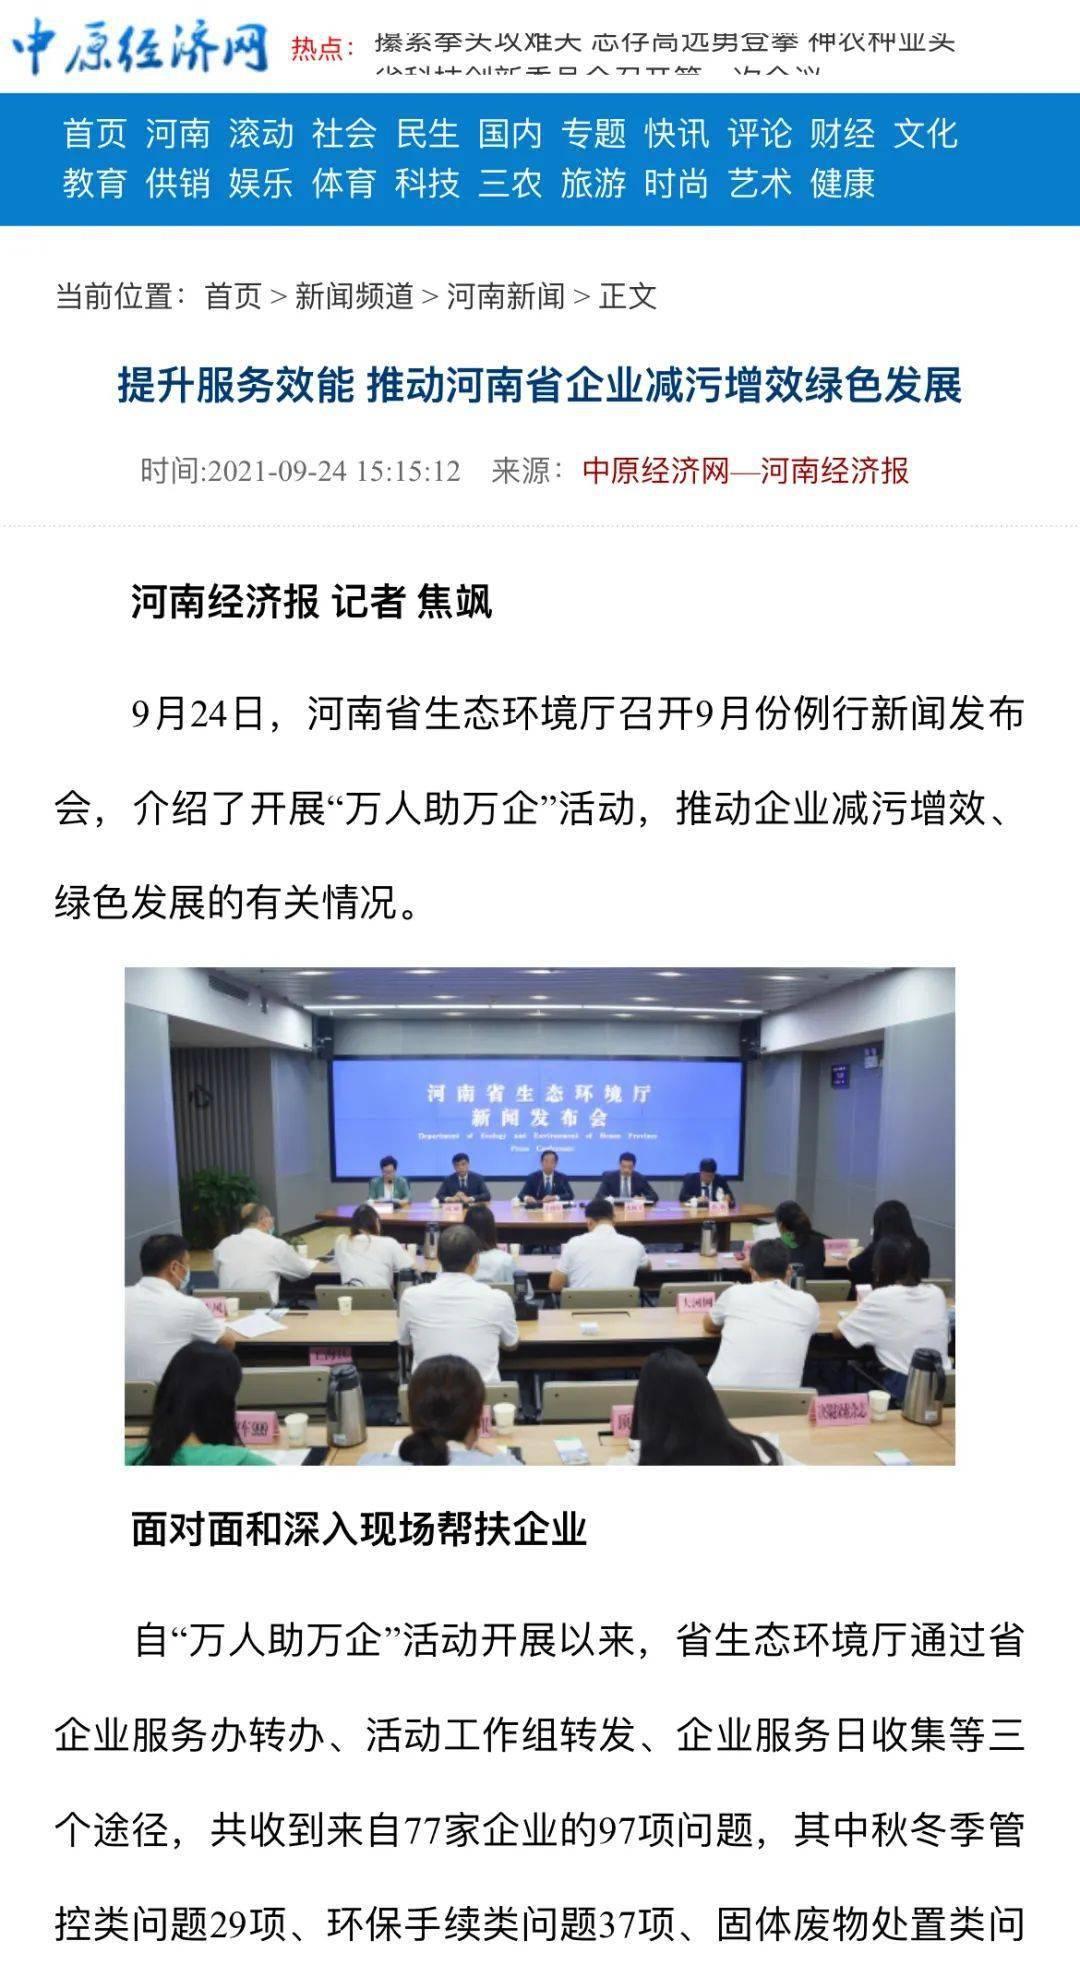 河南经济报:提升服务效能 推动河南省企业减污增效绿色发展